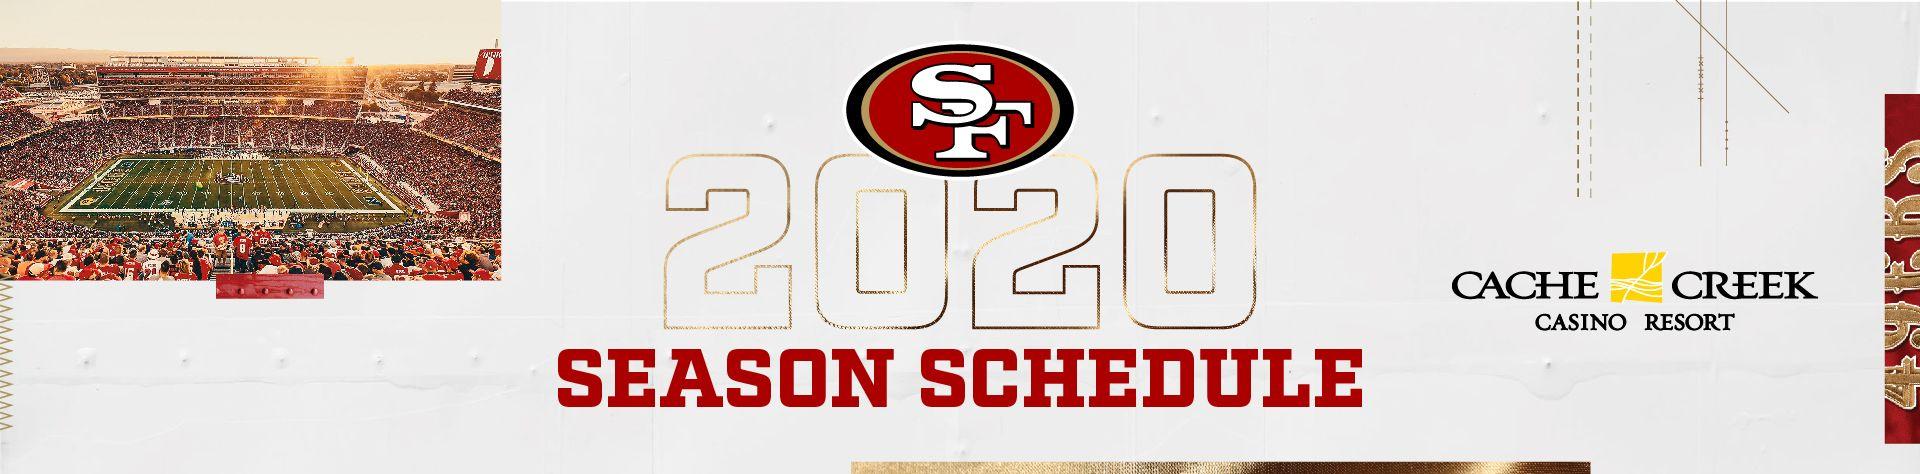 2020-49ersSchedule-Site-Header-1920x473